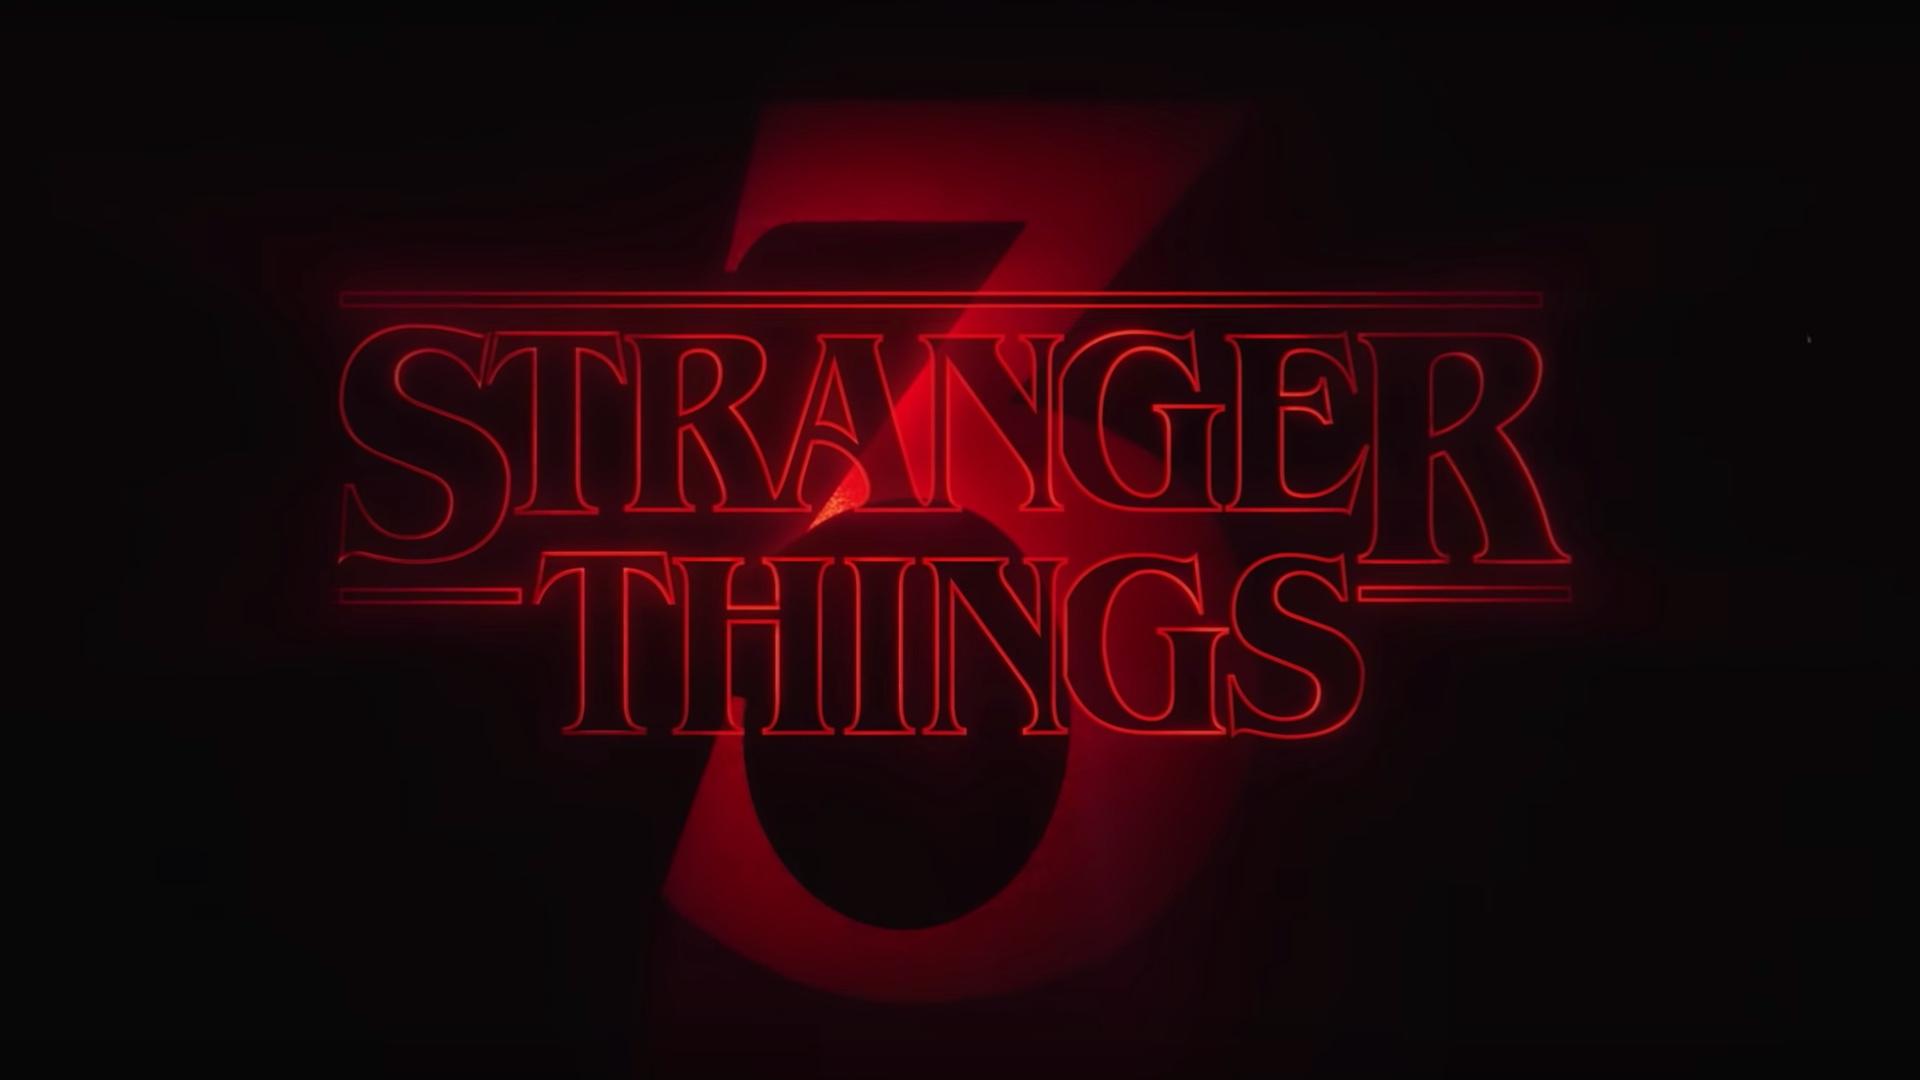 Stranger Things – Season 3 announcement trailer.